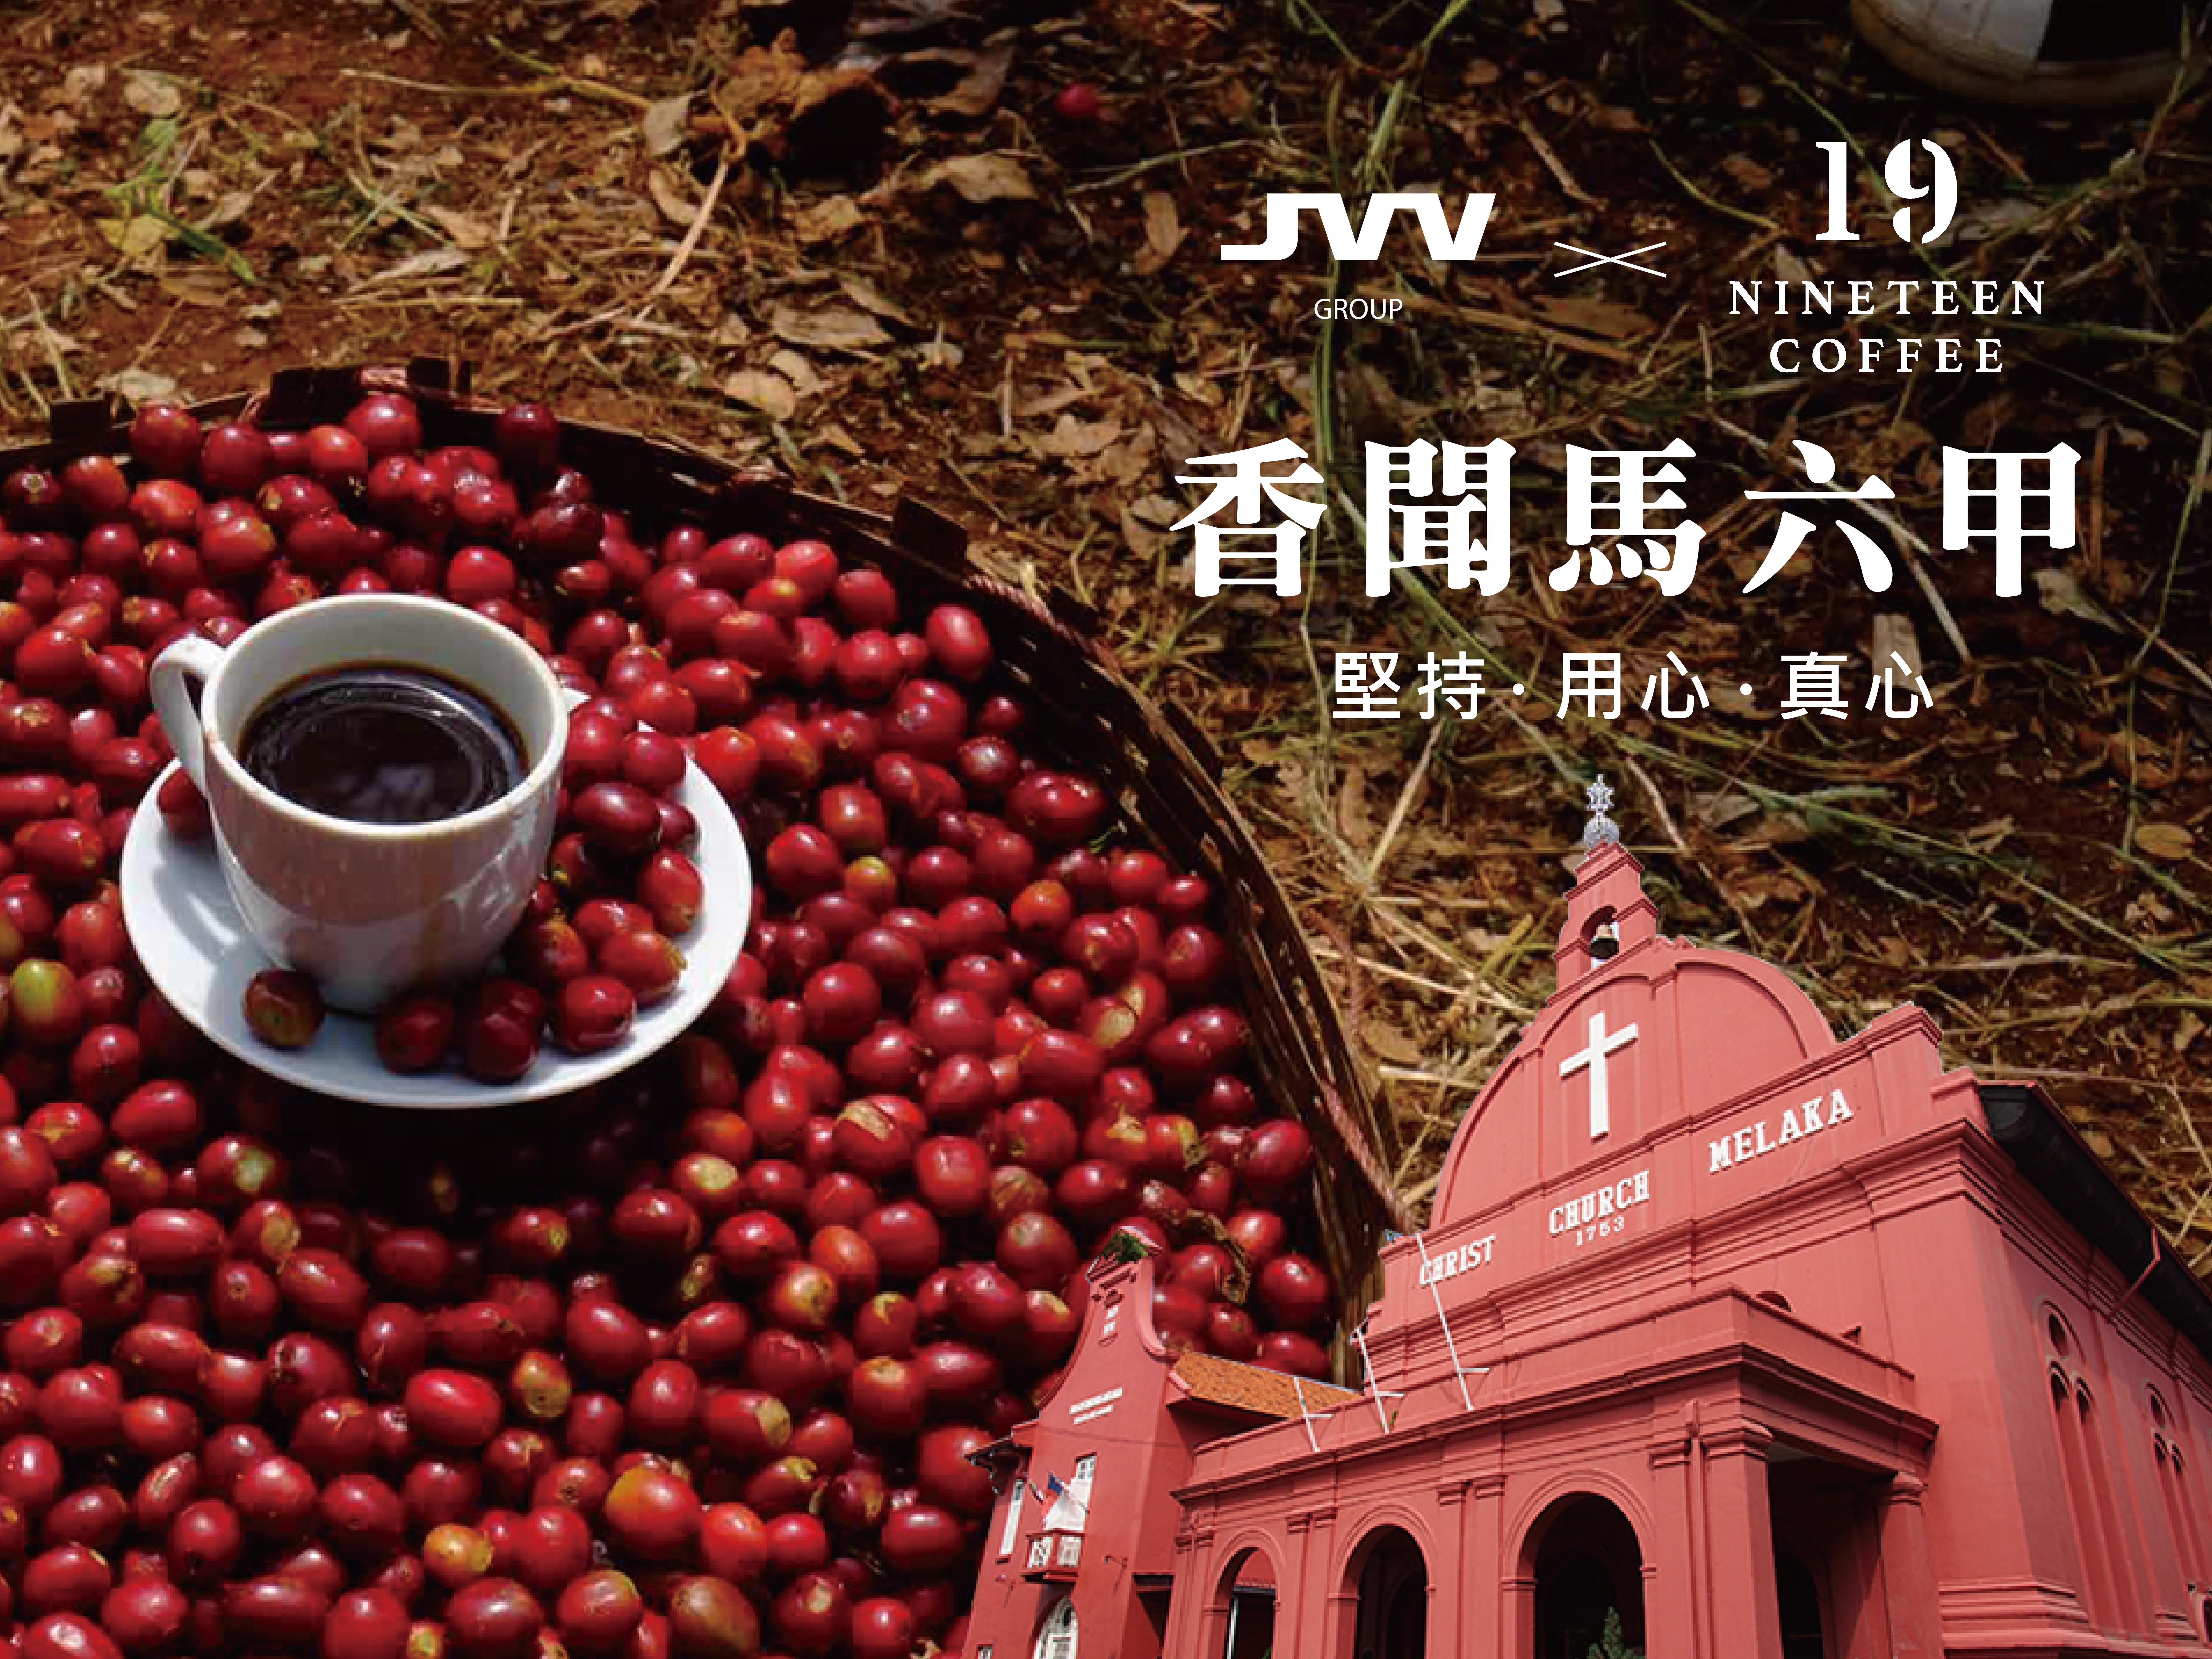 19咖啡 X JVV_主題封面A